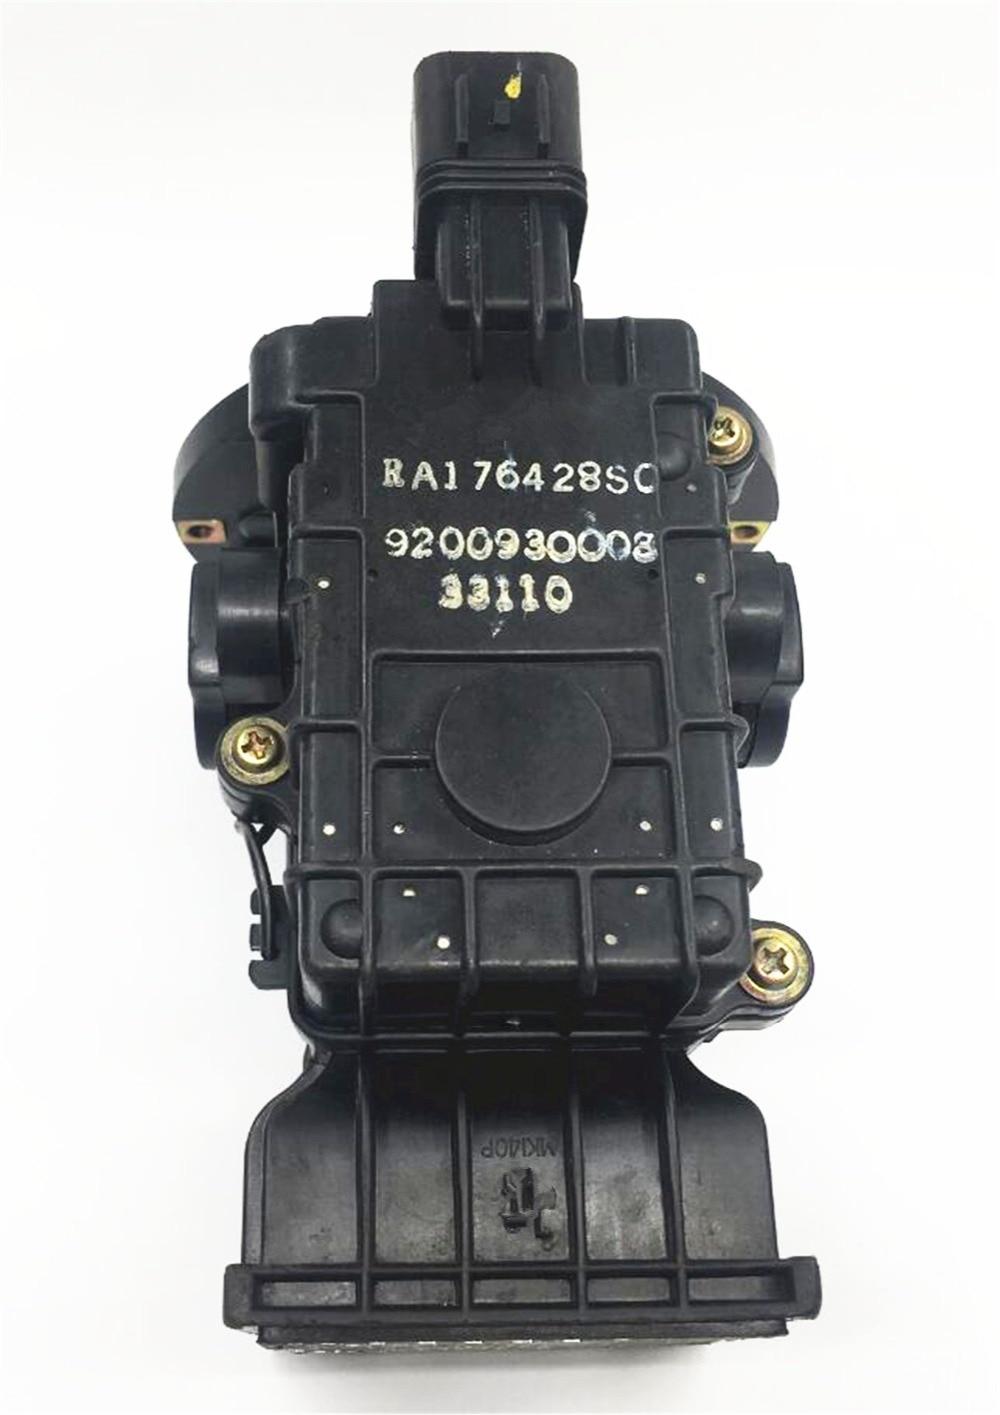 Contoare de aer originale Senzori de debit MD118126 E5T01471 potriviți pentru Mitsubishi Sports Car GT2000 E33